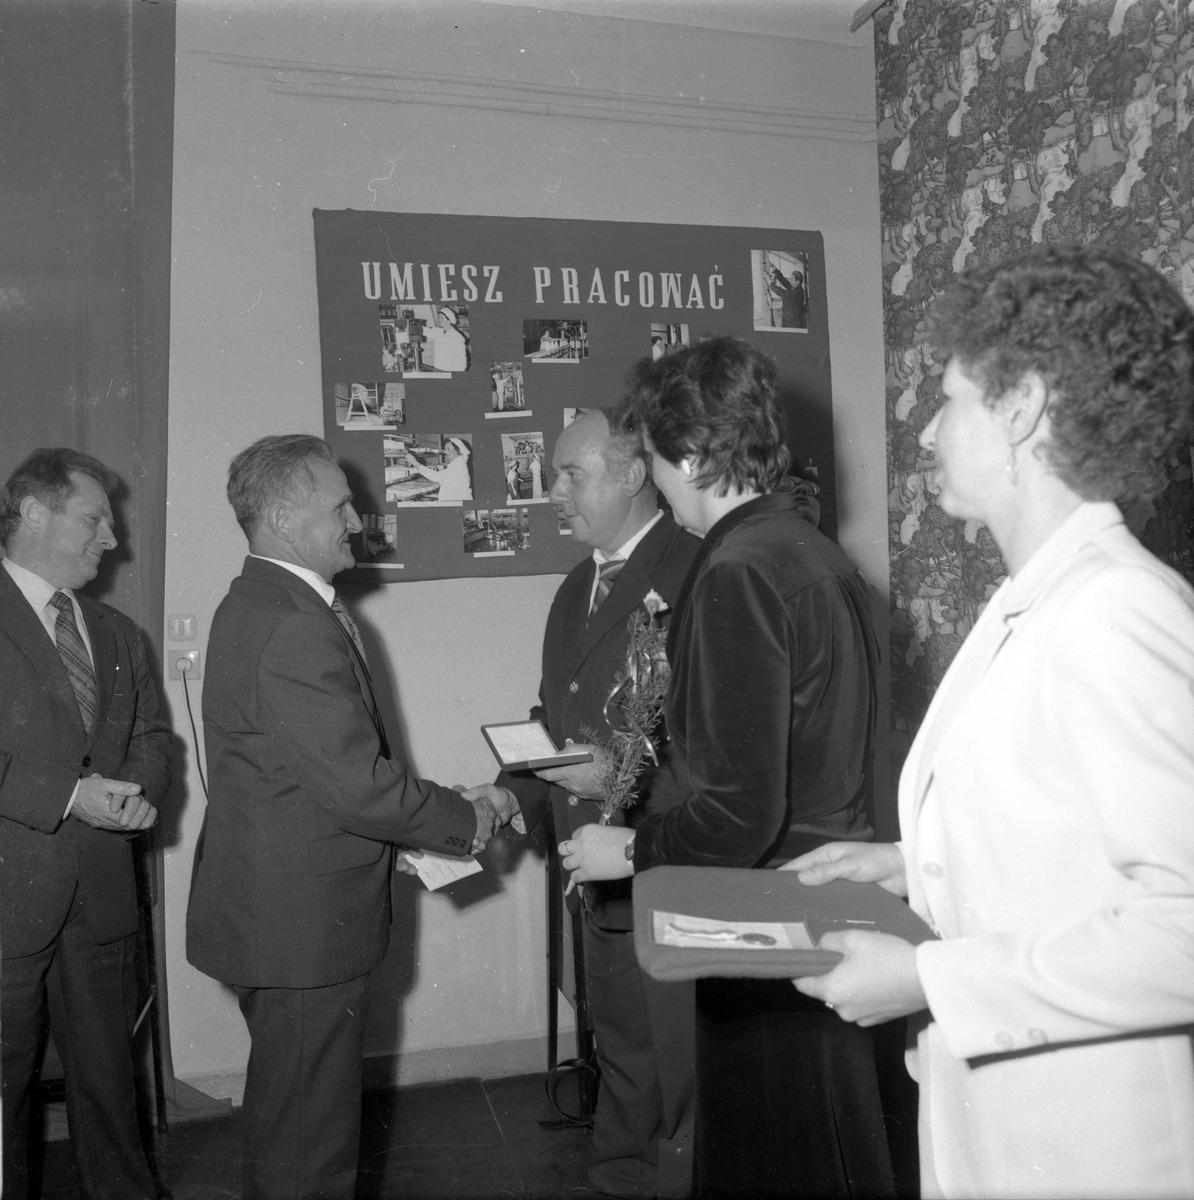 Spotkanie jubileuszowe w Mleczarni, 1985 r. [4]